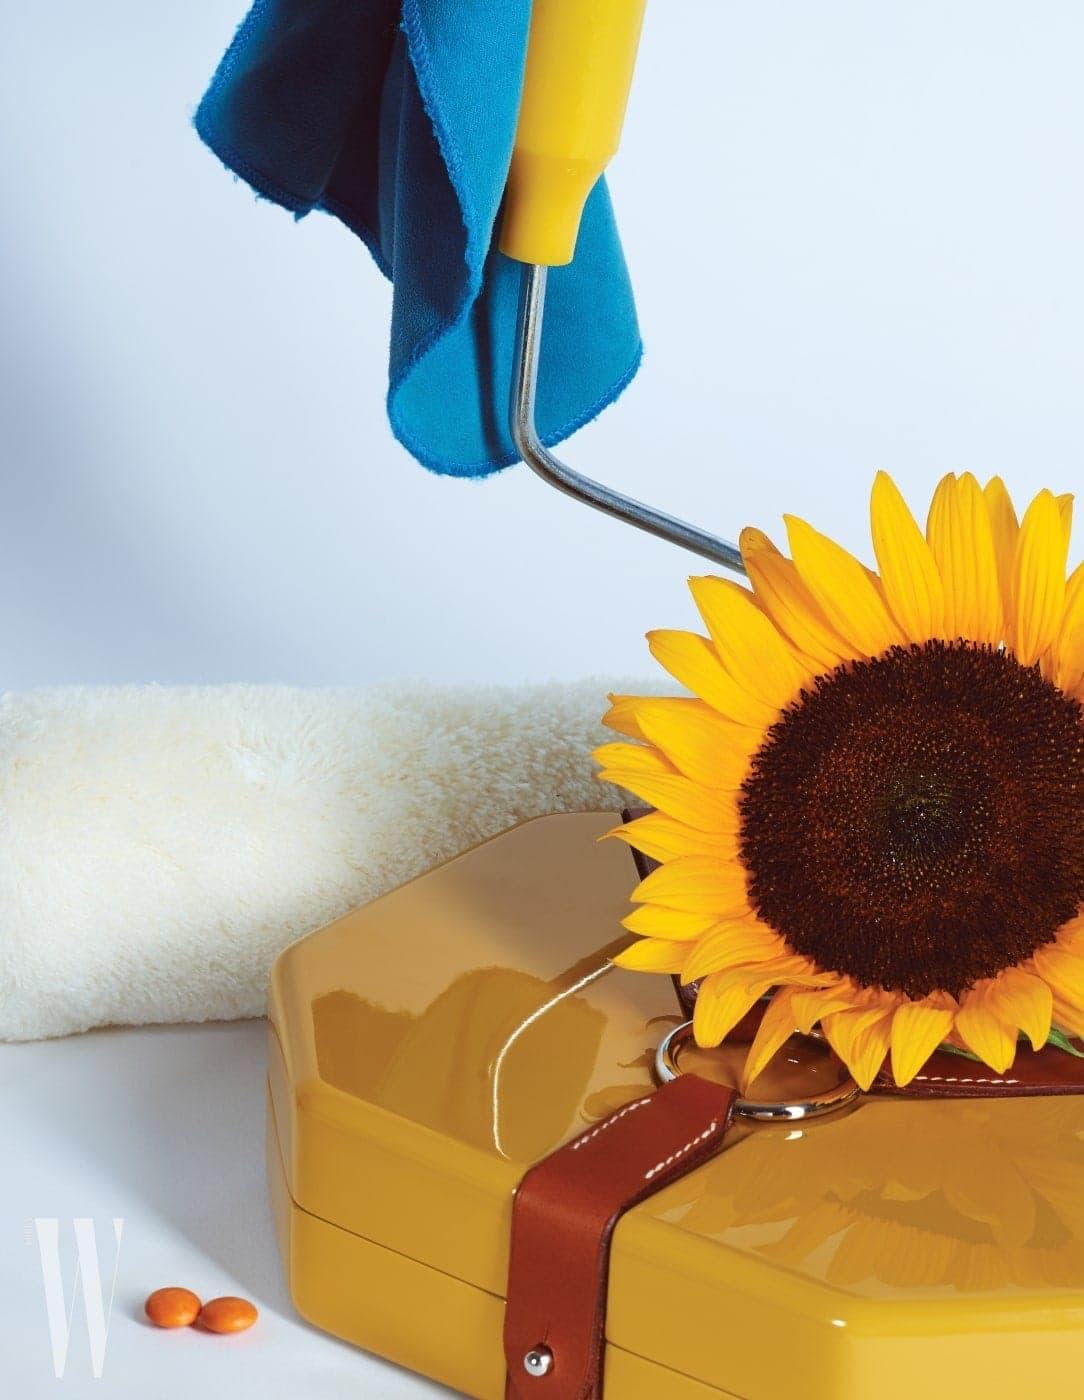 가죽 끈이 묶인 카키색 팔각형 함은 에르메스 제품. 가격 미정.